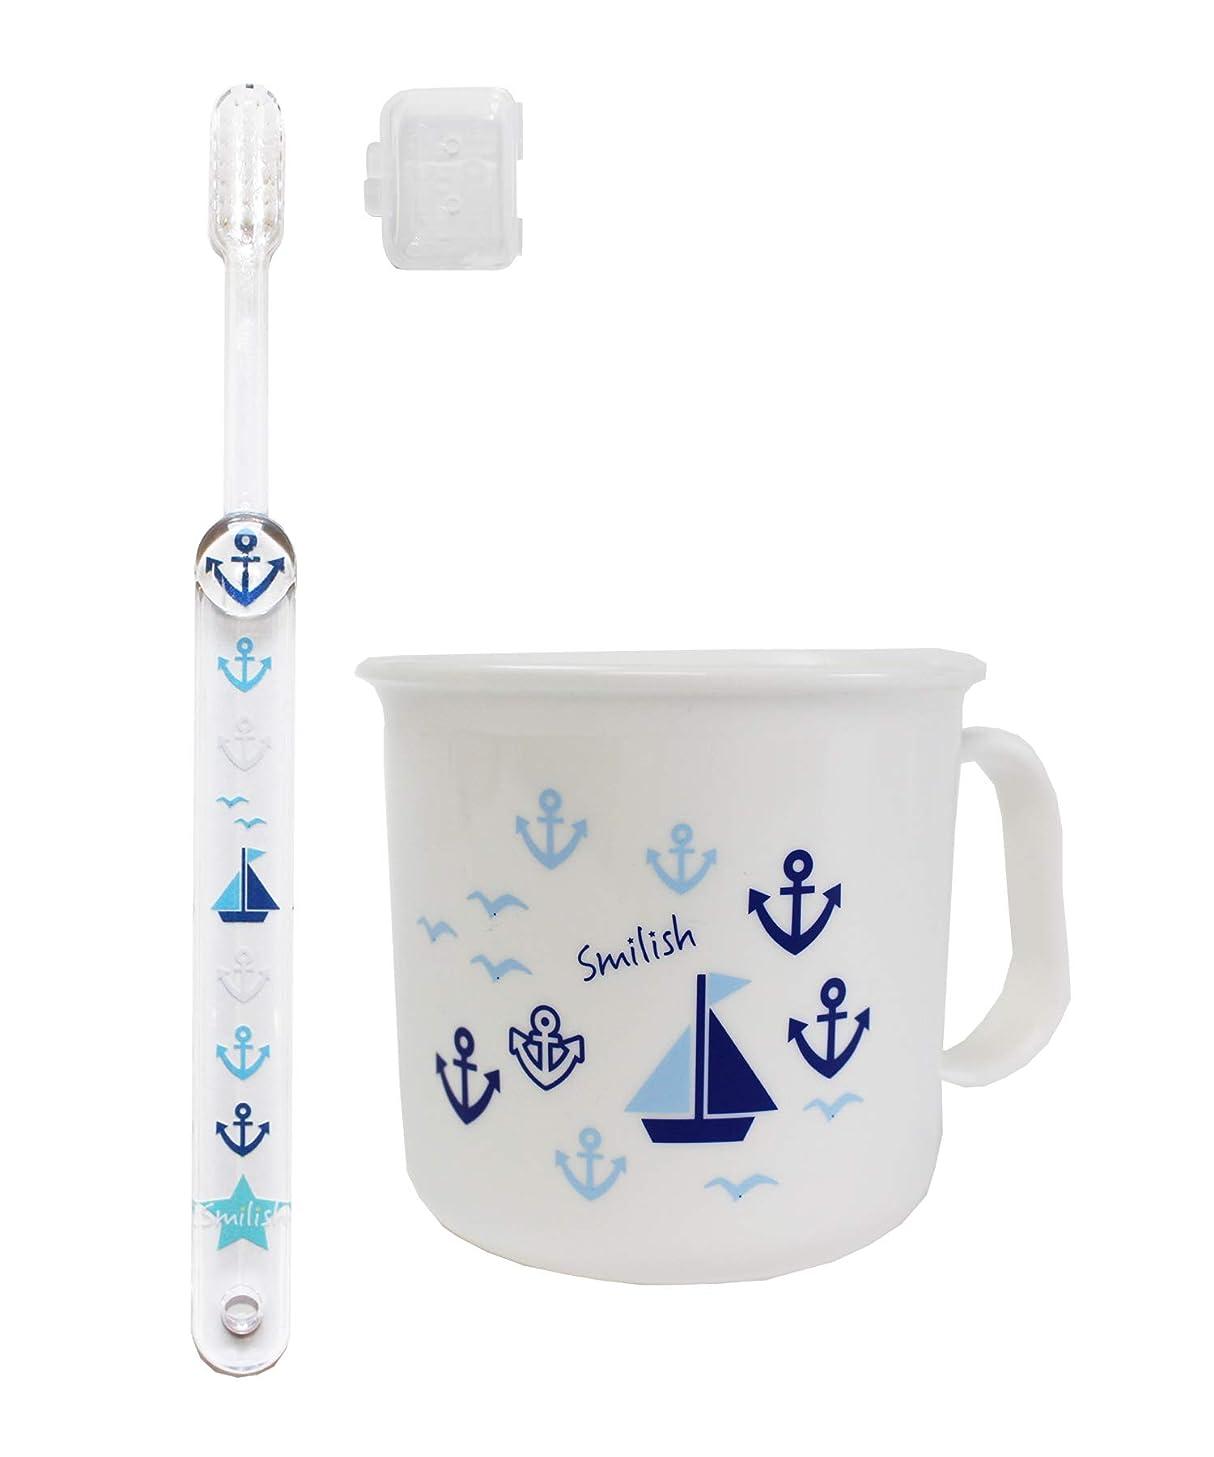 第二に加速度流体子ども歯ブラシ(キャップ付き) 耐熱コップセット マリン